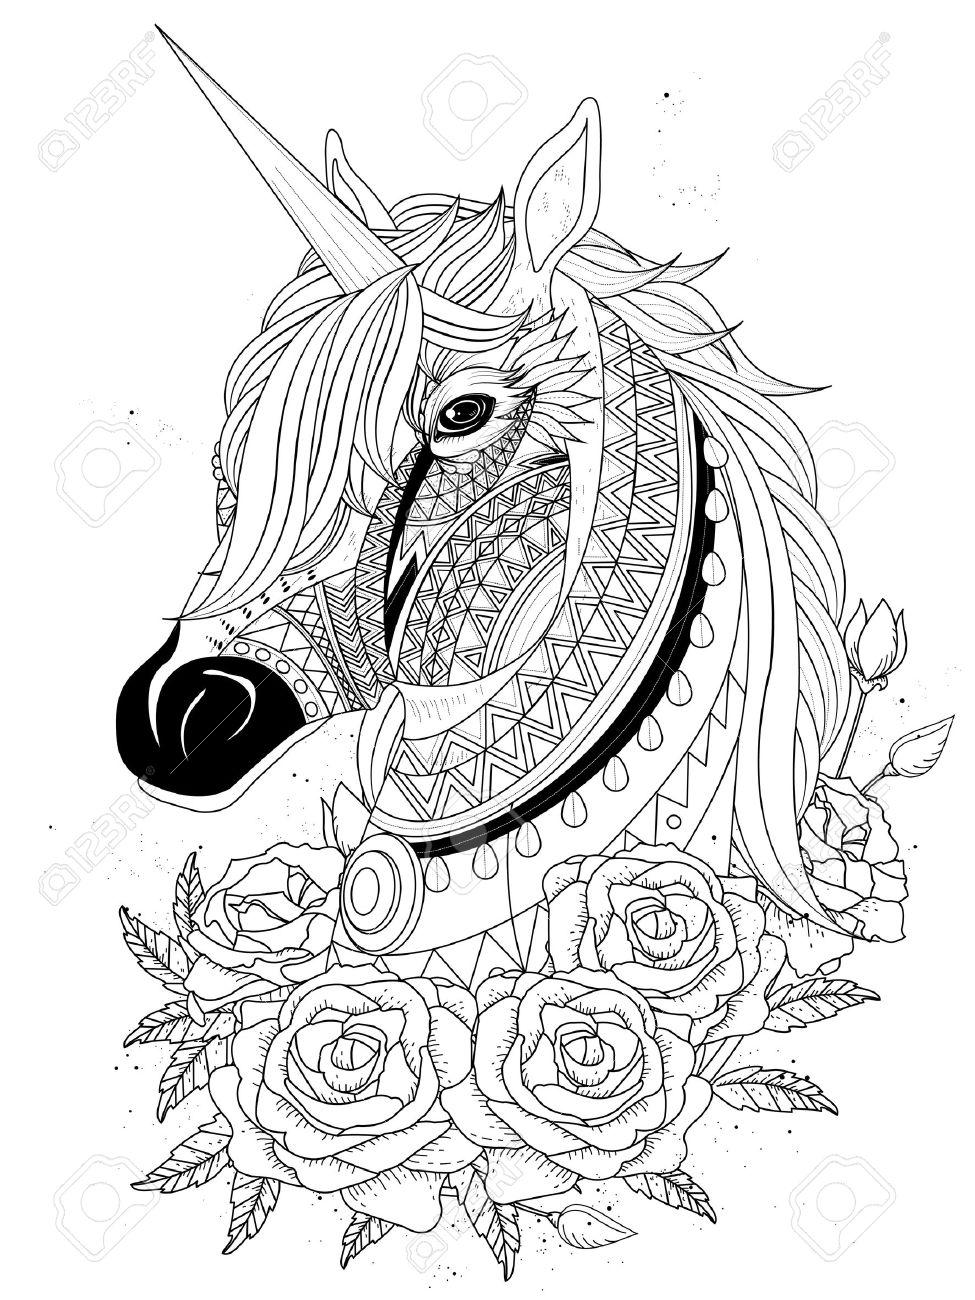 Coloriage Adulte Licorne.Licorne Sacree Avec Des Roses Coloriage Adulte Clip Art Libres De